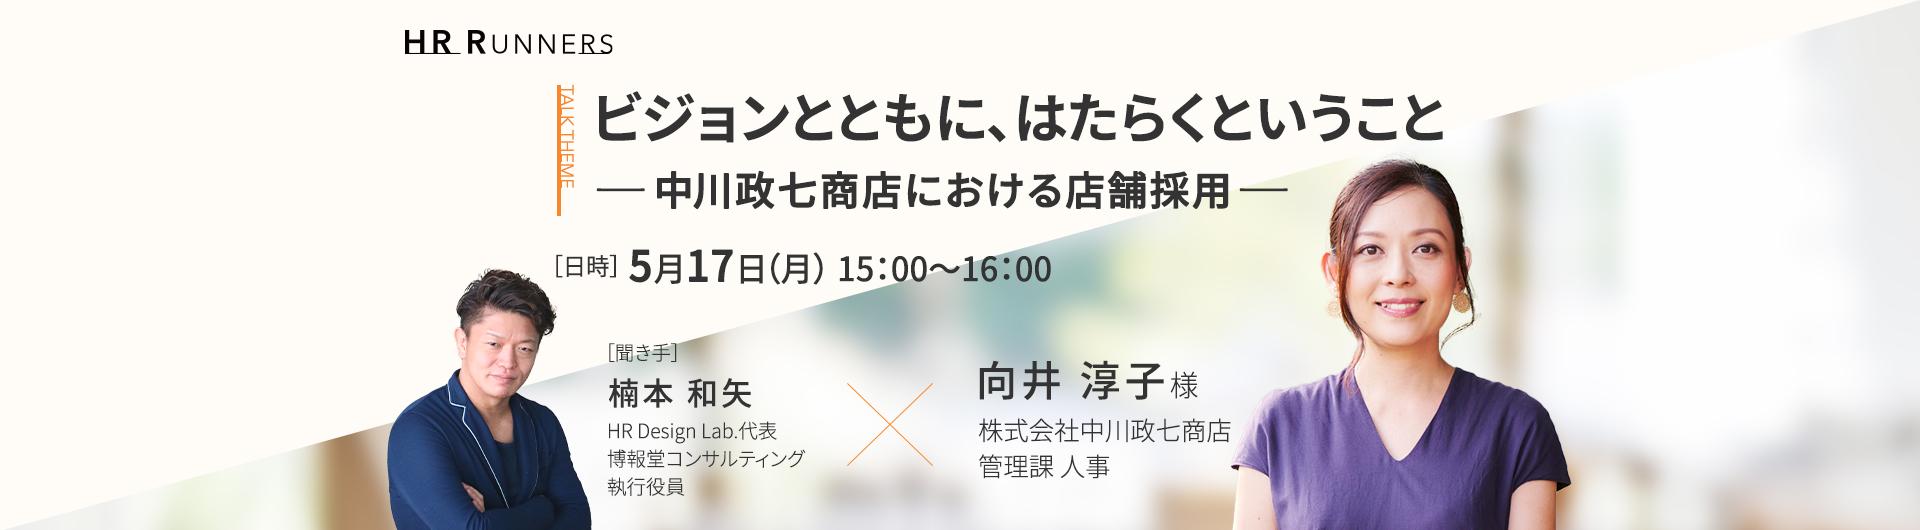 ビジョンとともに、はたらくということー中川政七商店における店舗採用ー(HR RUNNERS 第12回)